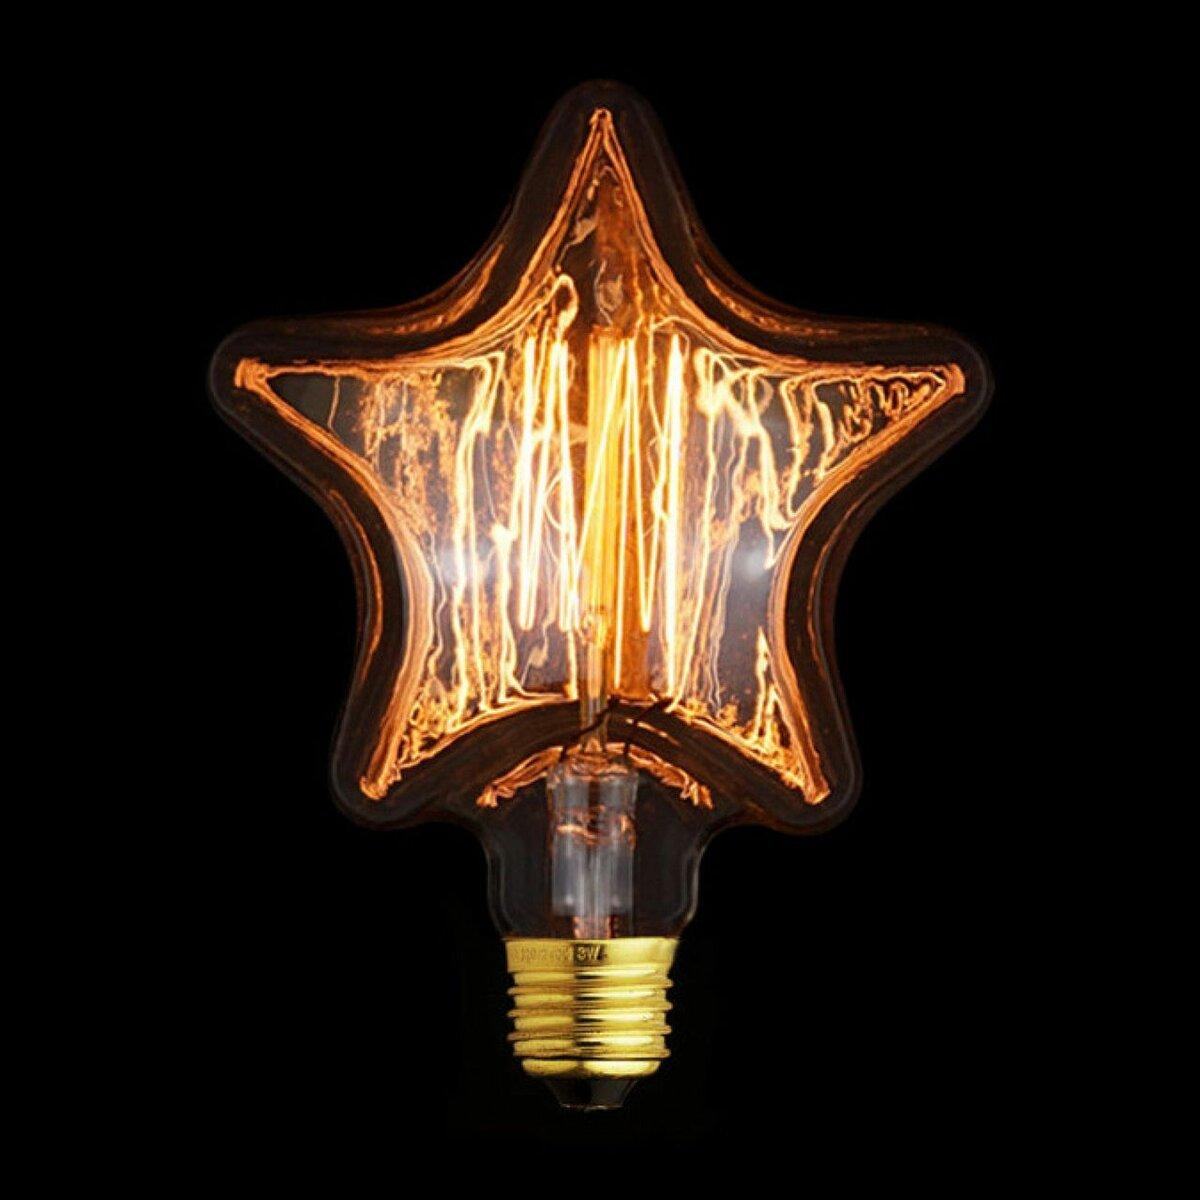 купить лампы в москве недорого